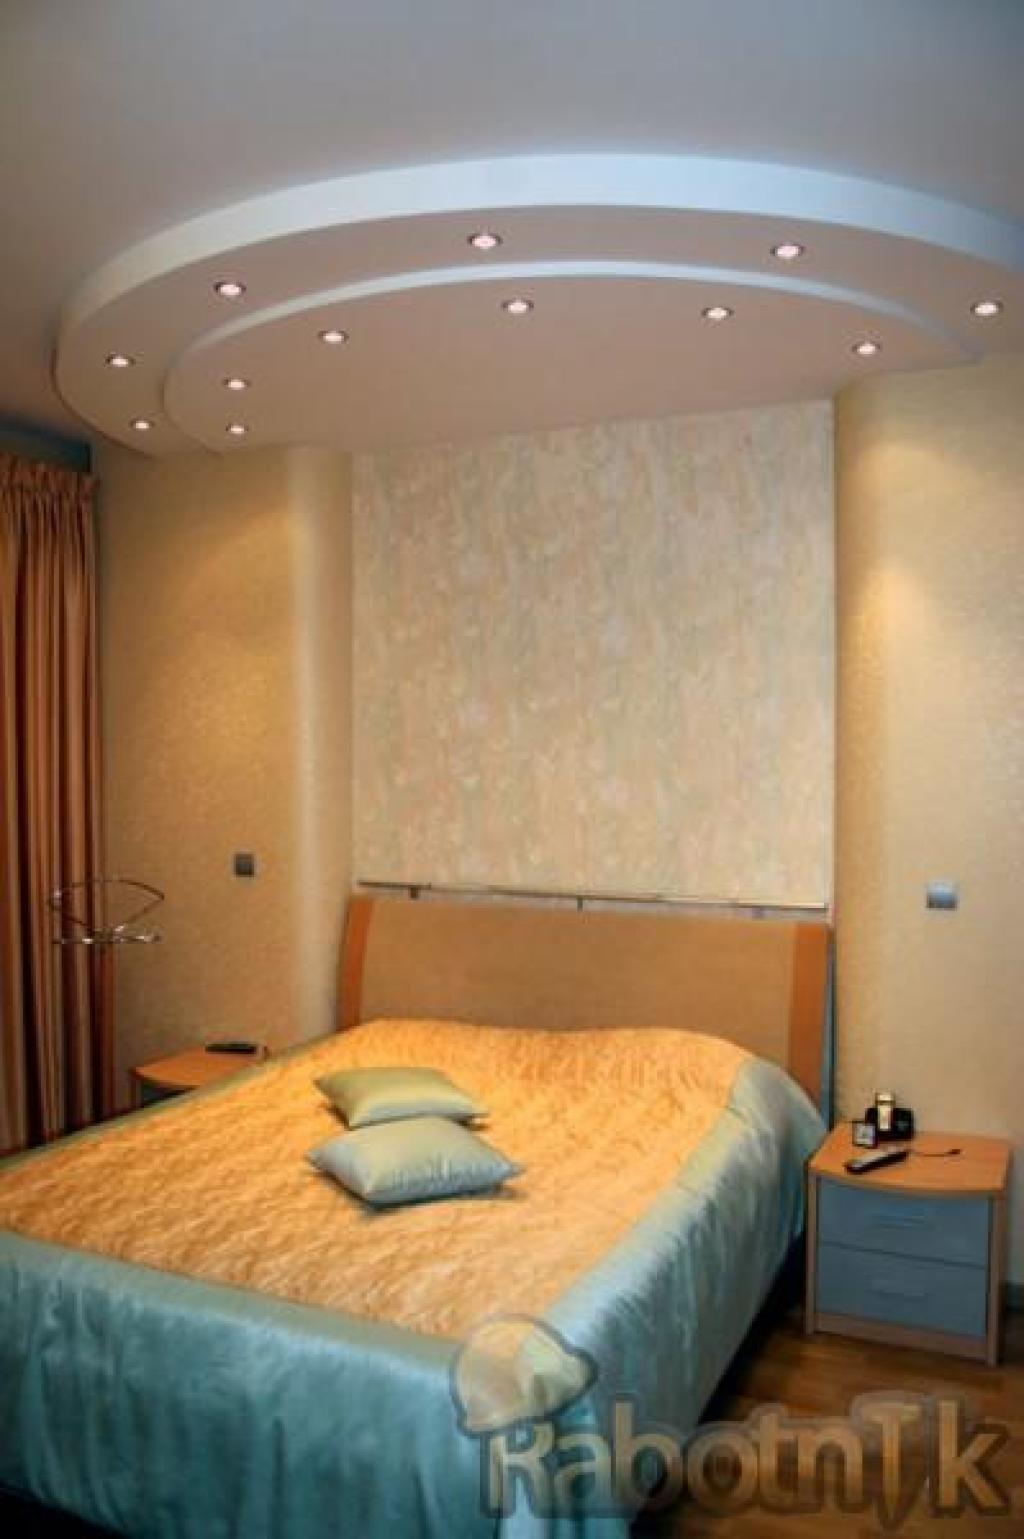 Как сделать потолок для спальни из гипсокартона своими руками